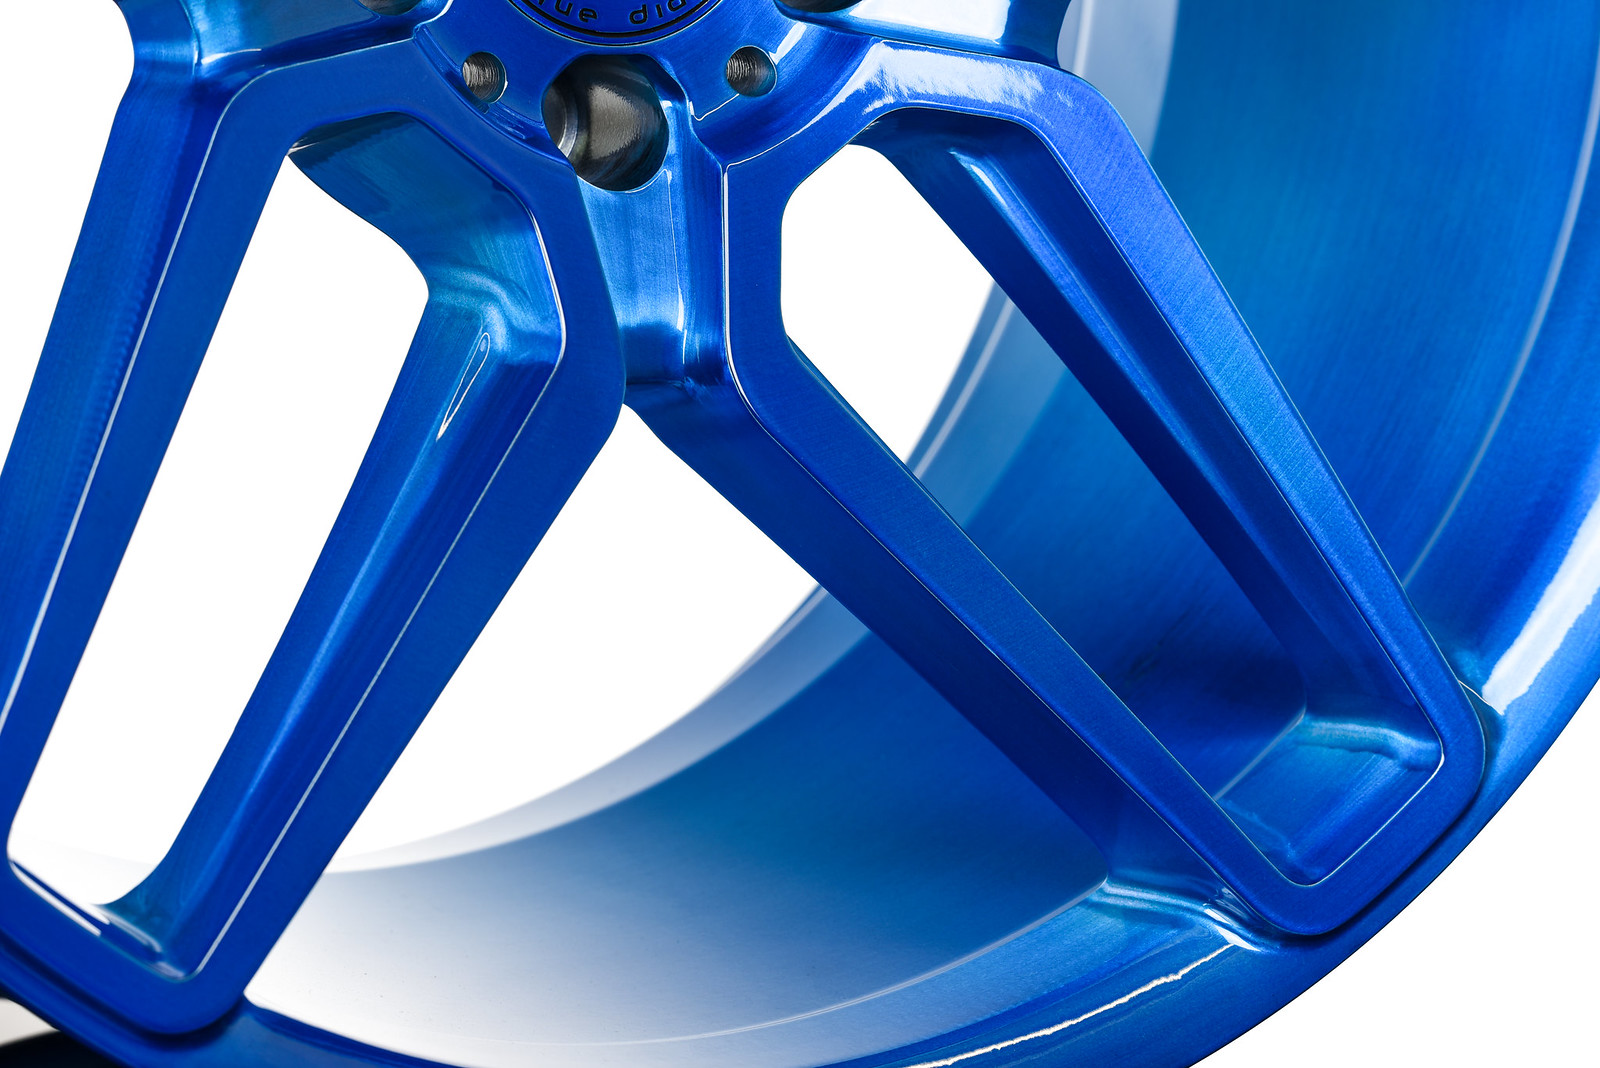 BD17-5_Bruhed_Pika_Blue (5)